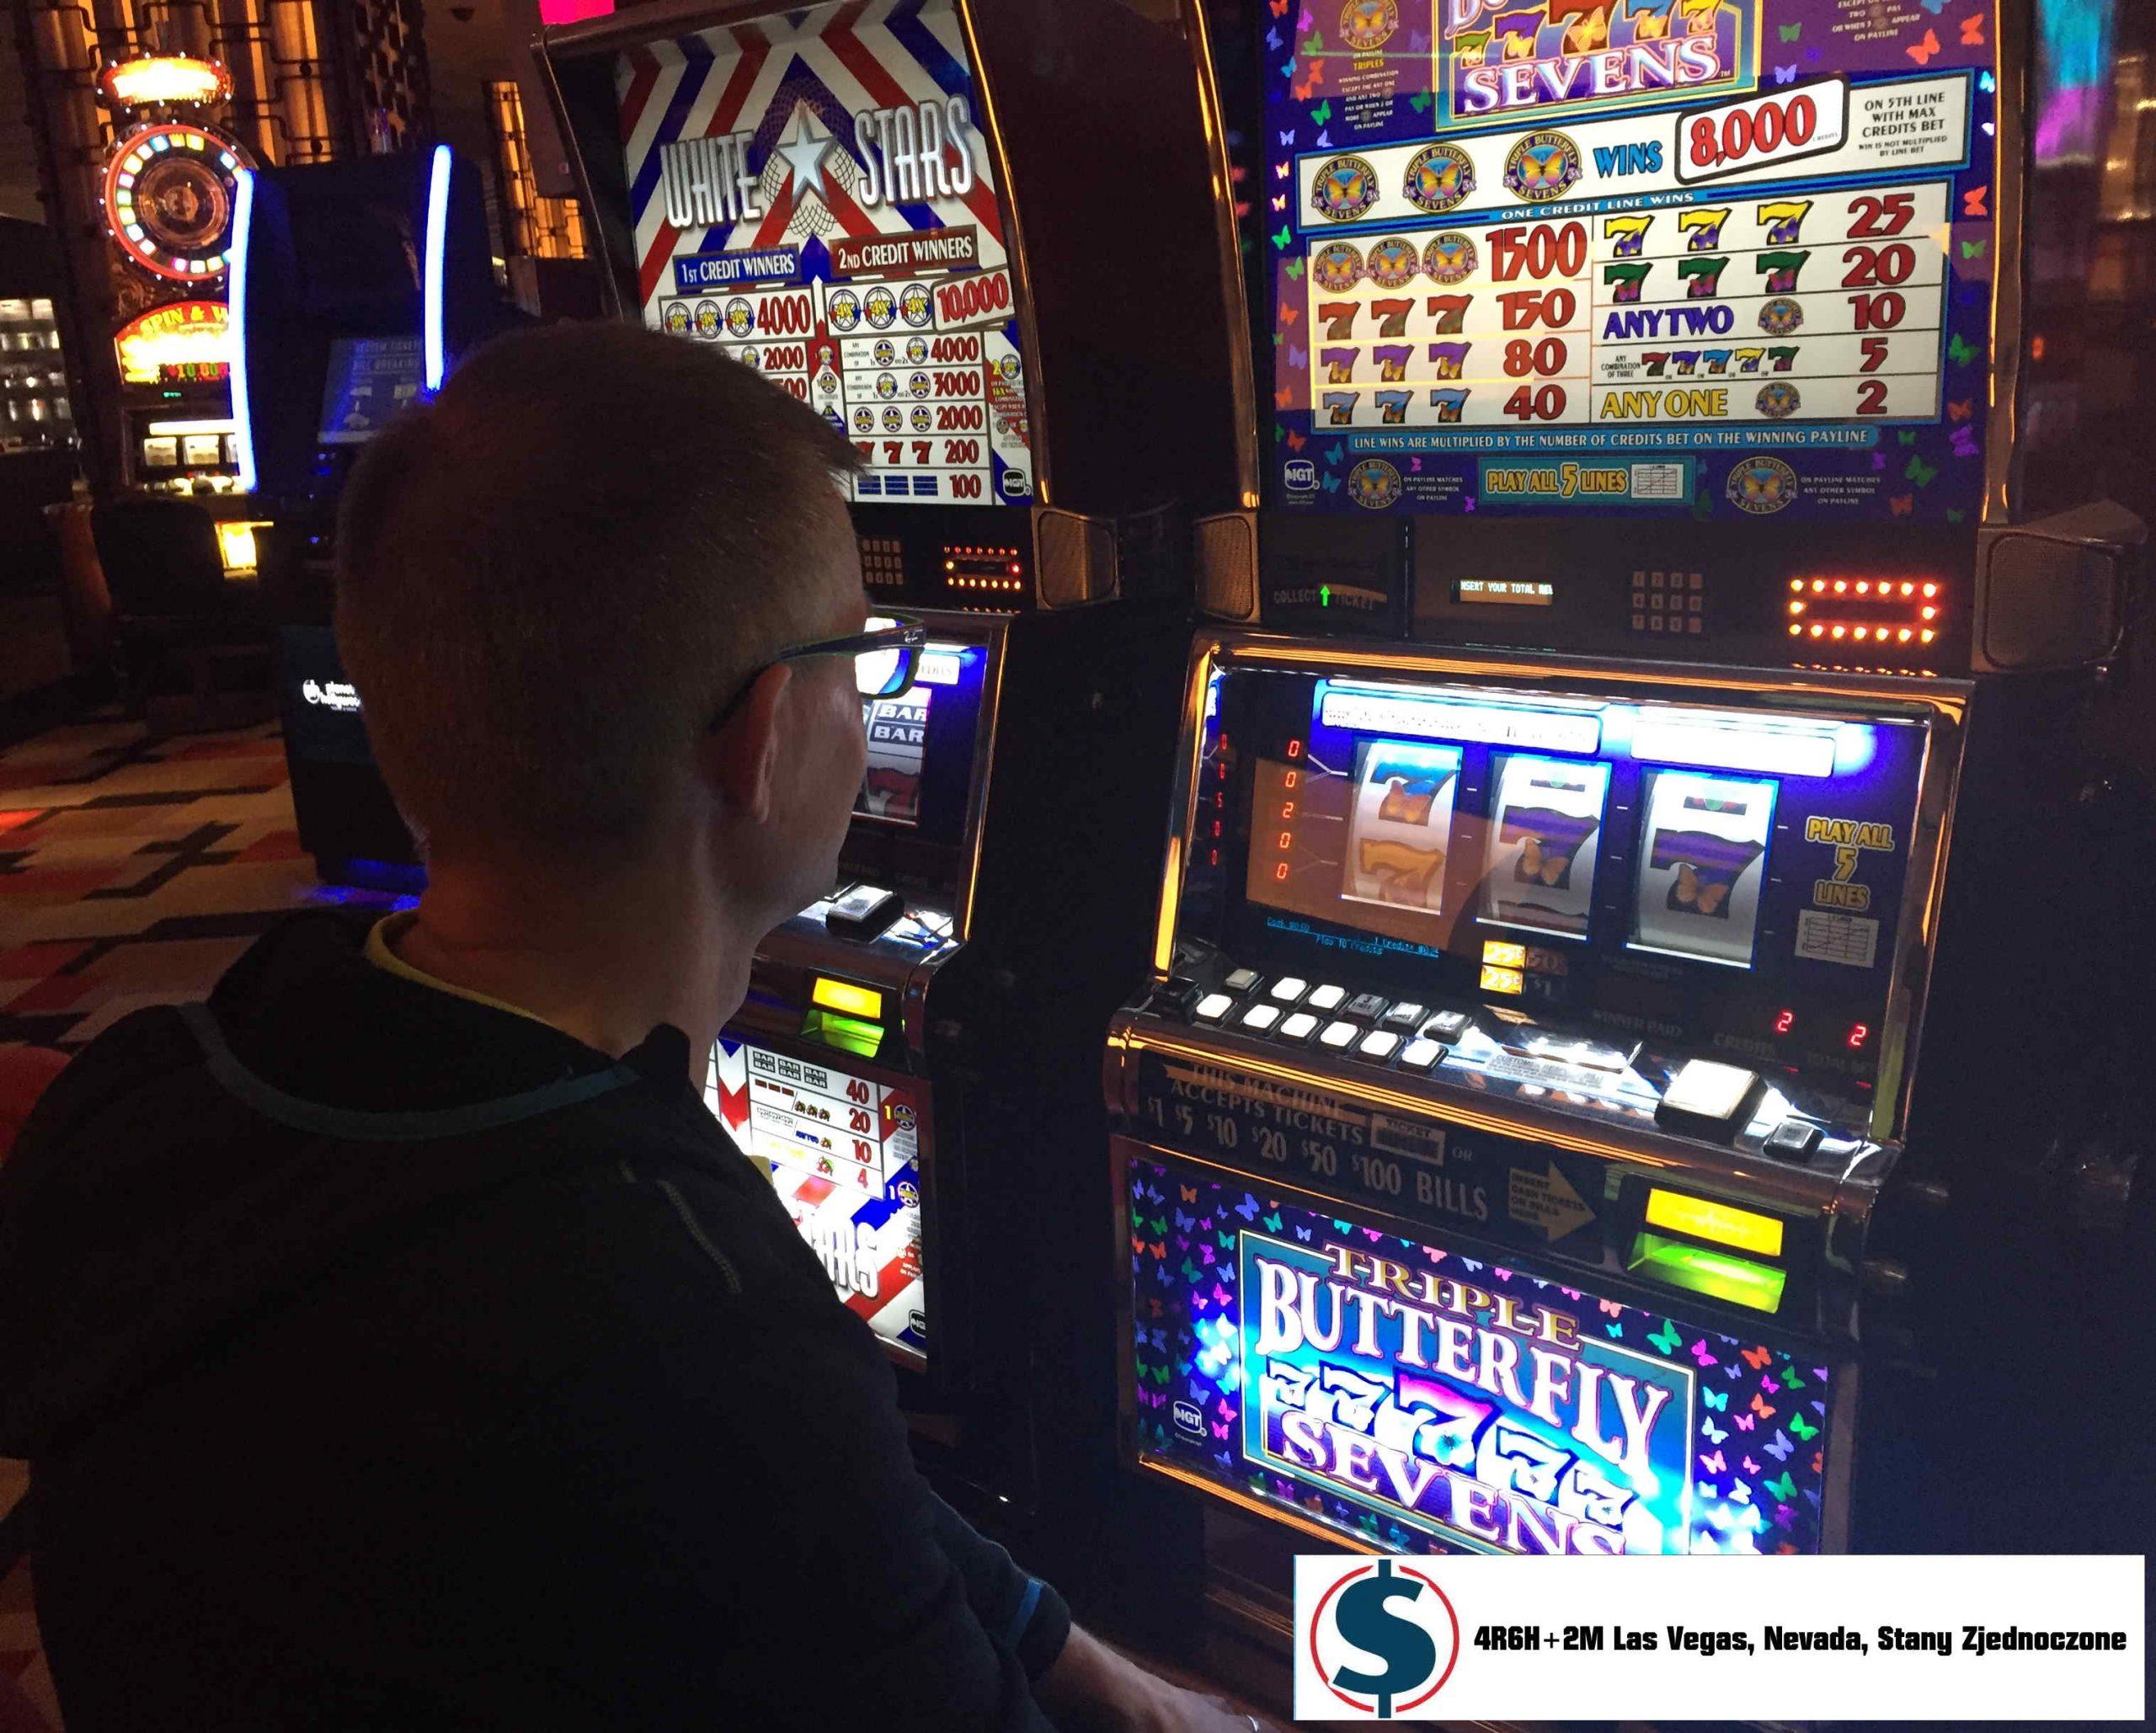 Dlaczego giełda przypomina kasyno? Automaty do gry 4R6H+2M Las Vegas, Nevada, Stany Zjednoczone